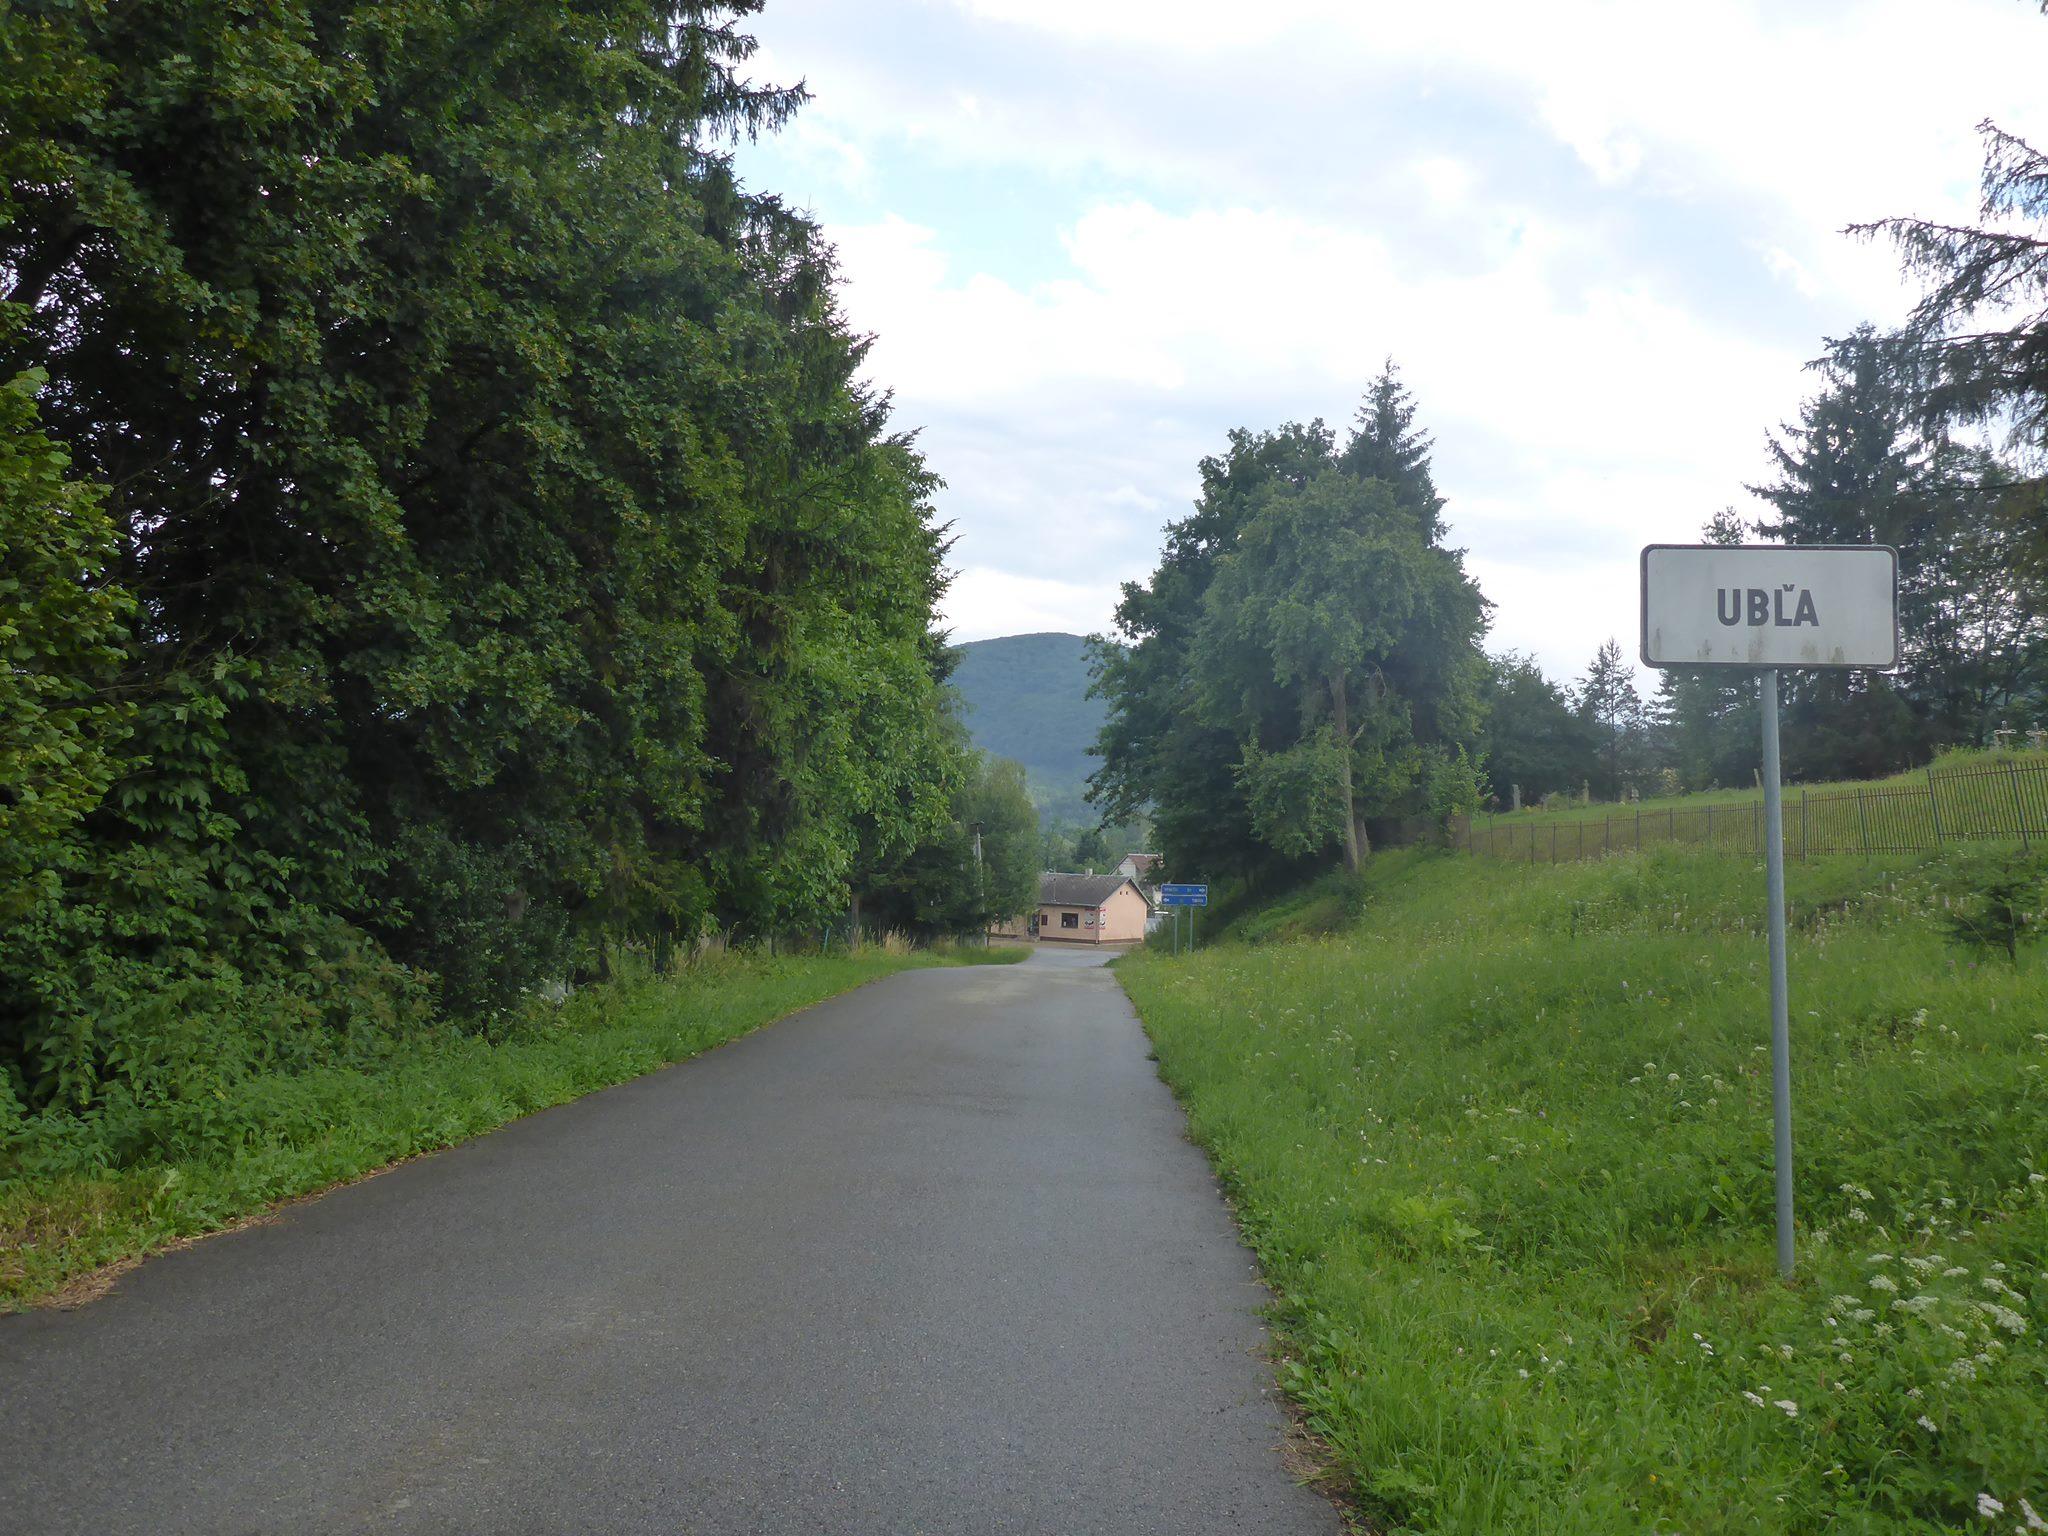 J'arrive tout épuisé à Ubla, le village frontalier à l'Ukraine